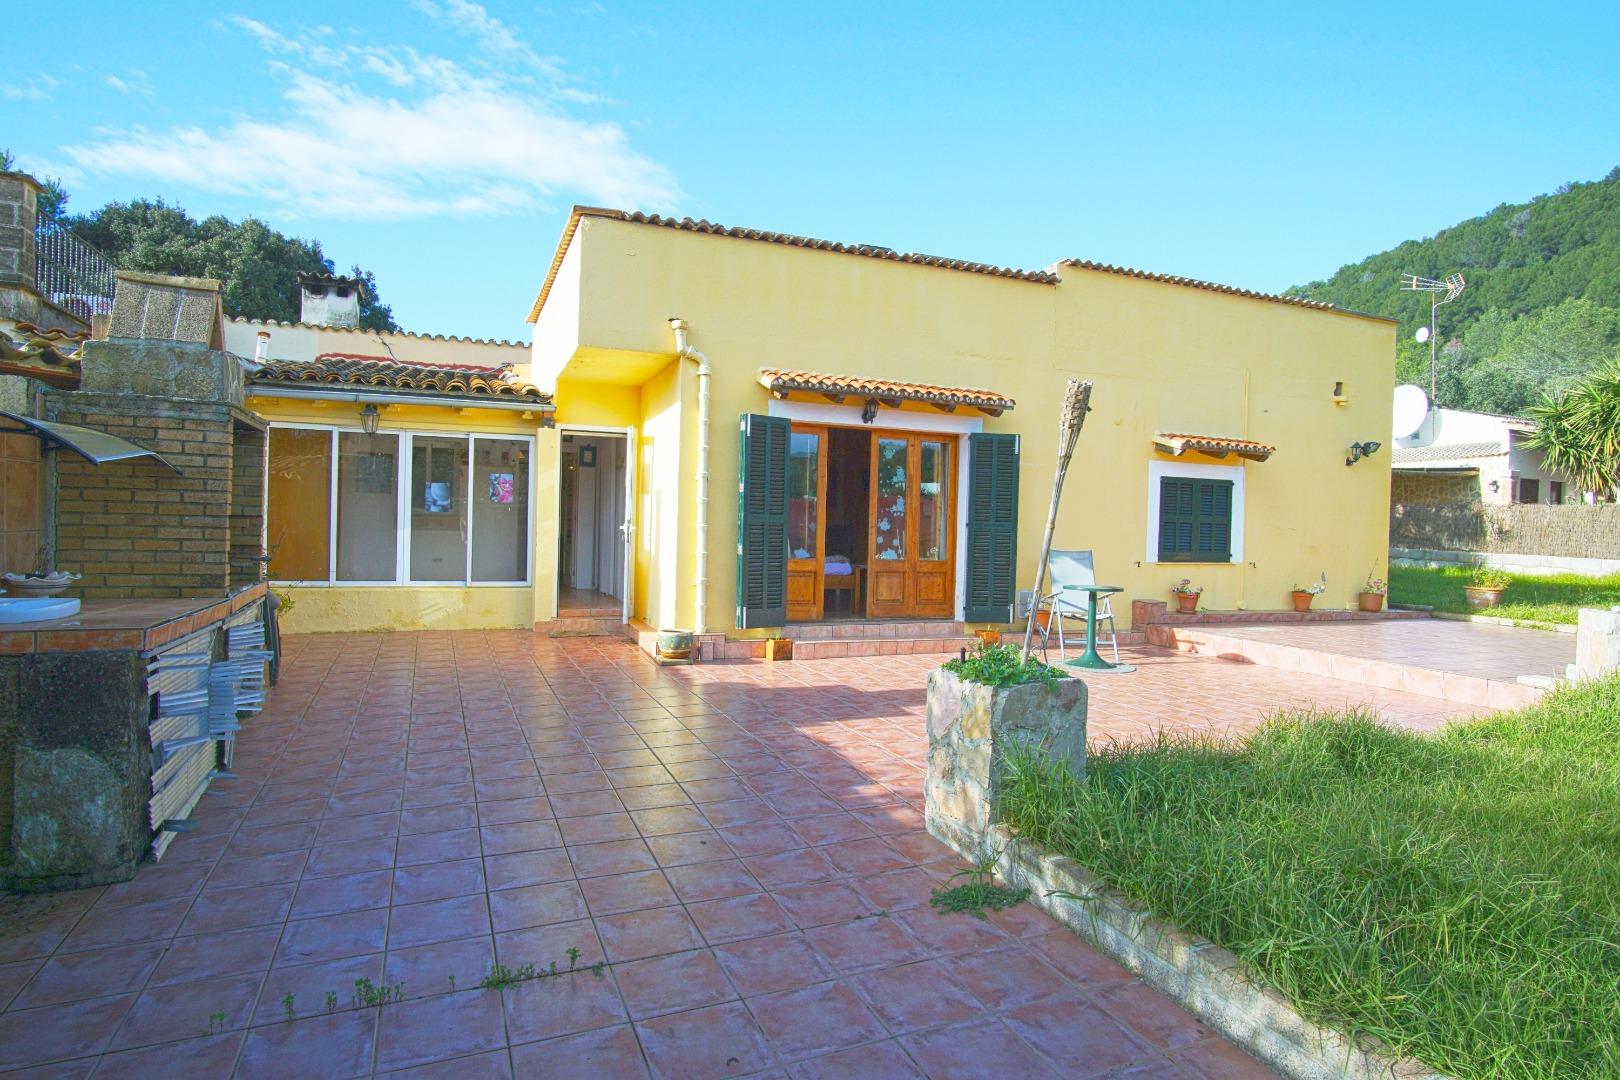 Casa  Carrer del llorer, 11. Villa perfecta con piscina